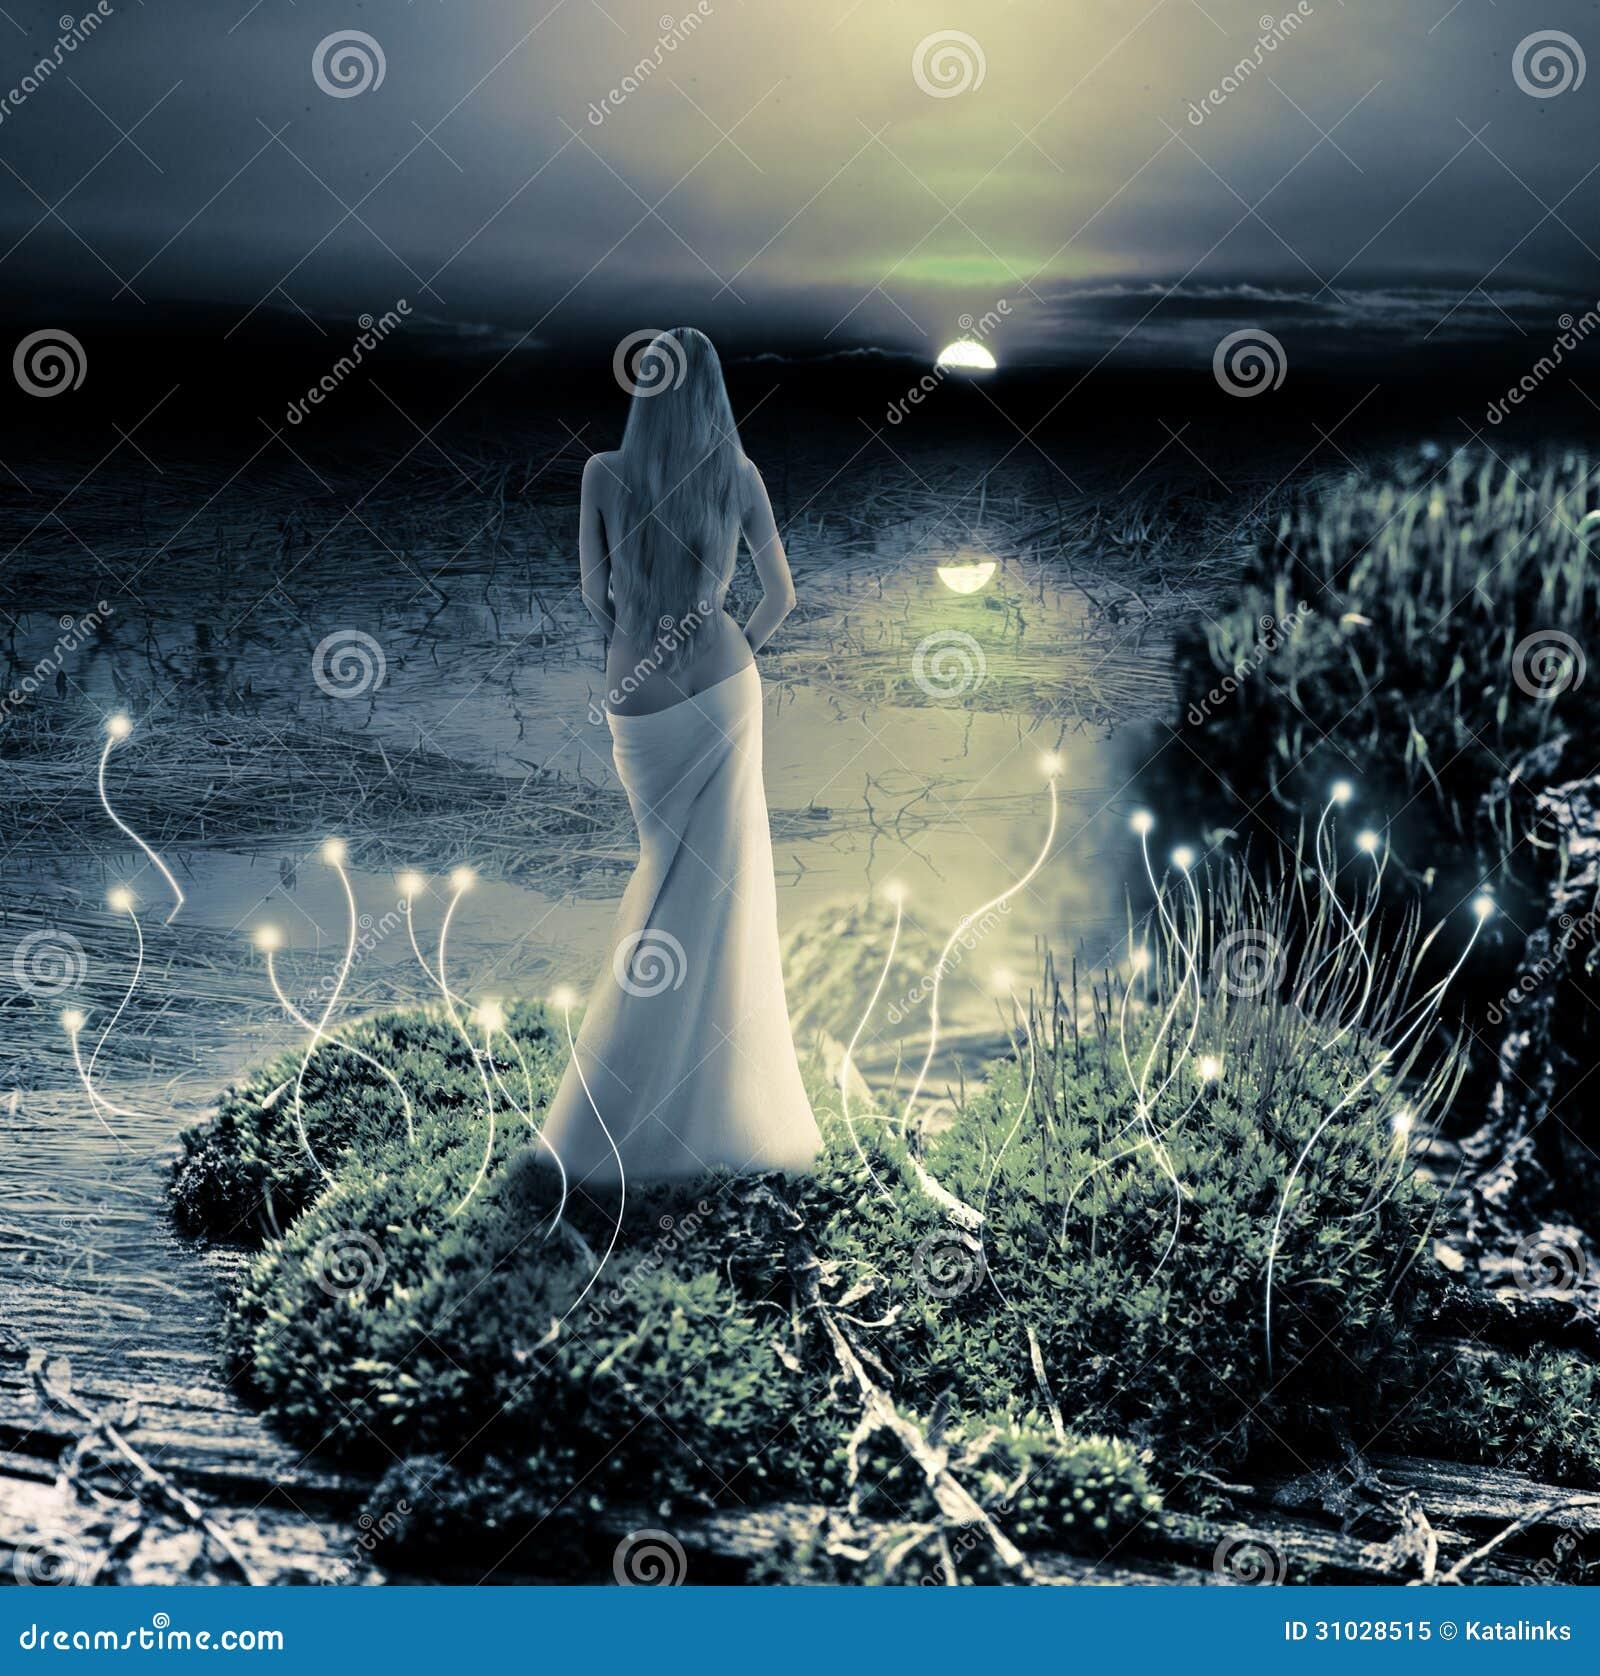 Μαγικός κόσμος φαντασίας. Pixie και ηλιοβασίλεμα